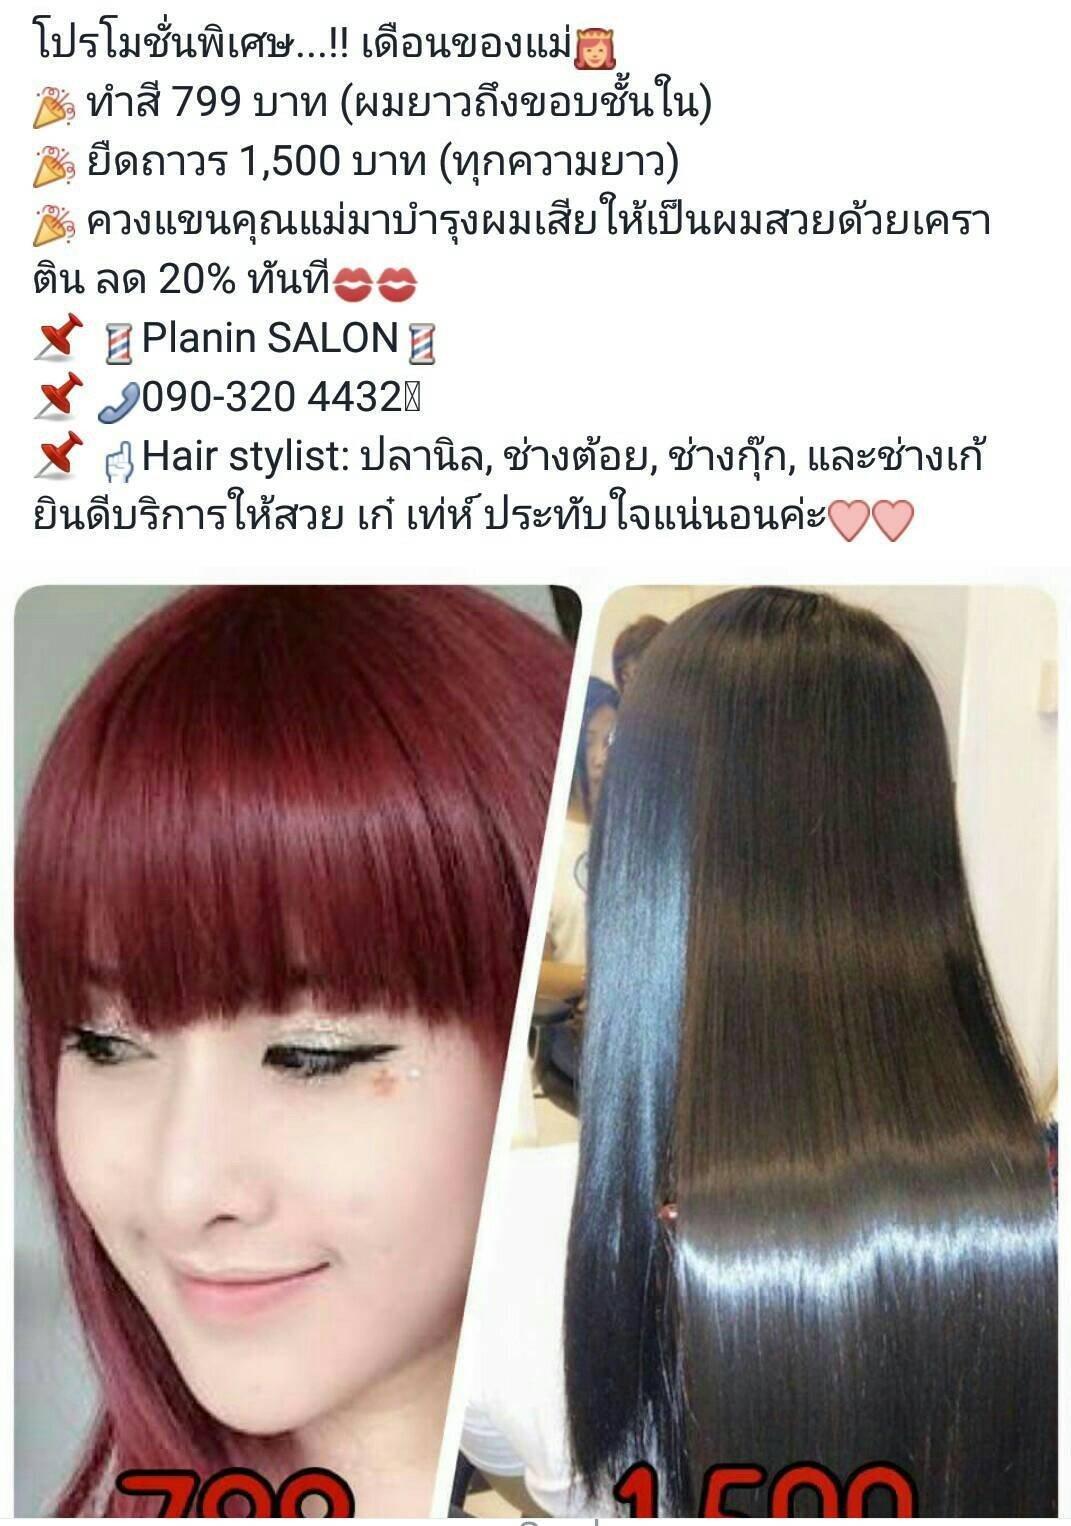 ป้ายราคาหรือสมุดเมนู ที่ ร้าน Planin Hair & Beauty Salon ศรีนครินทร์ 40 (ตลาดยงเจริญ)